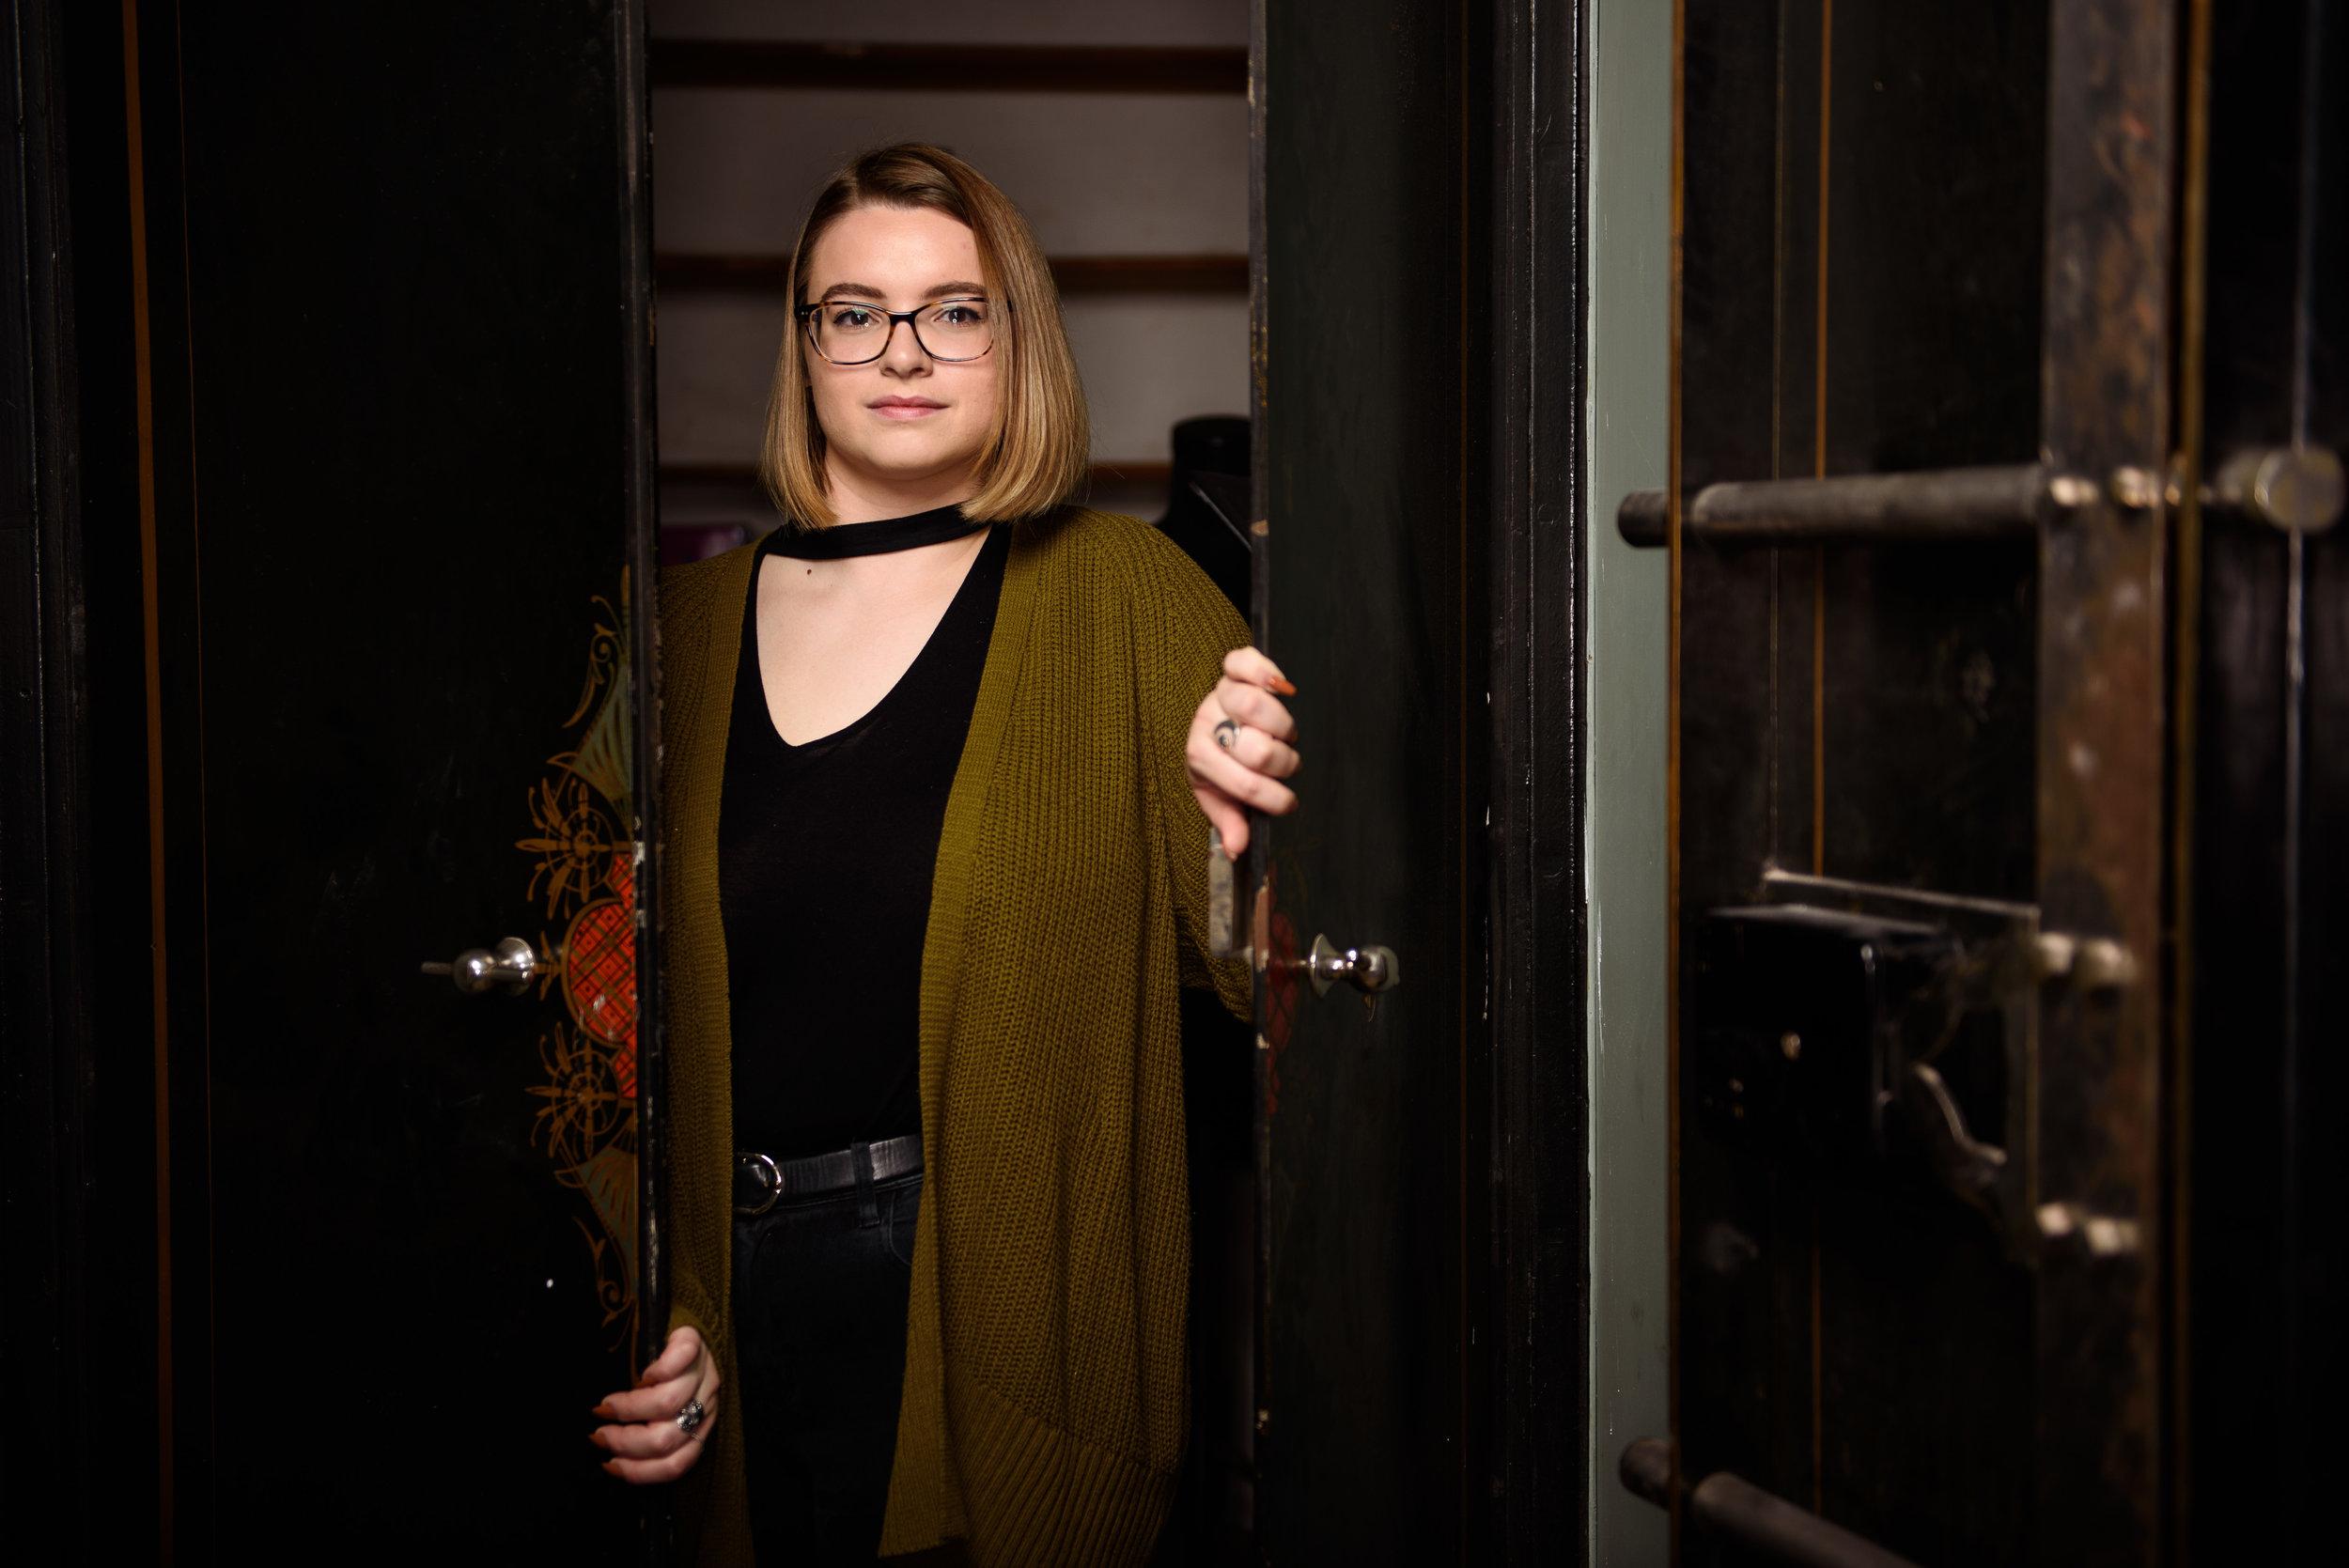 Portrait of Izzy Ionni photographed in Washington, DC for the George Washington University.